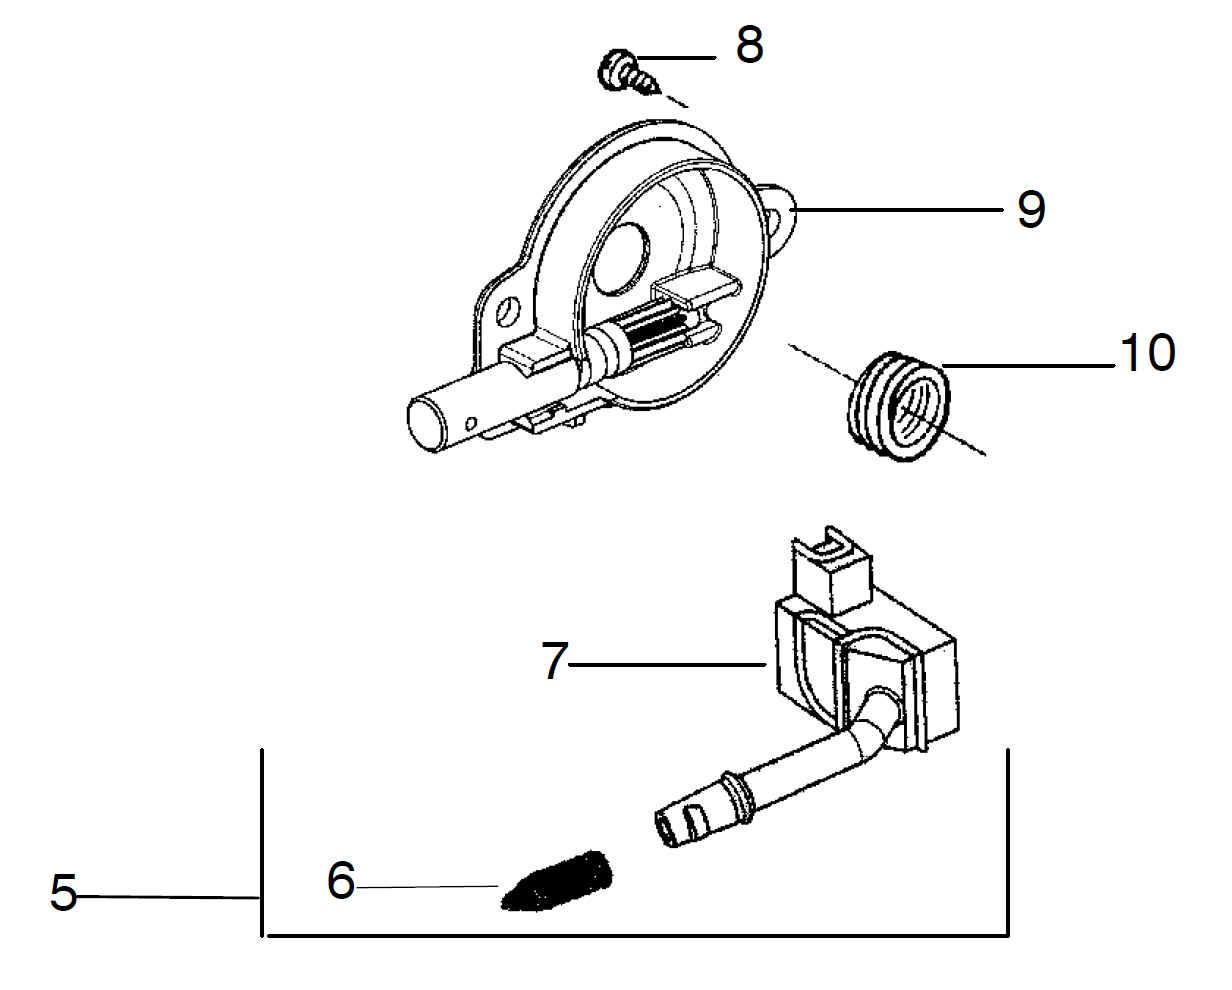 Ремонт тормоза бензопилы хускварна 142 своими руками 81